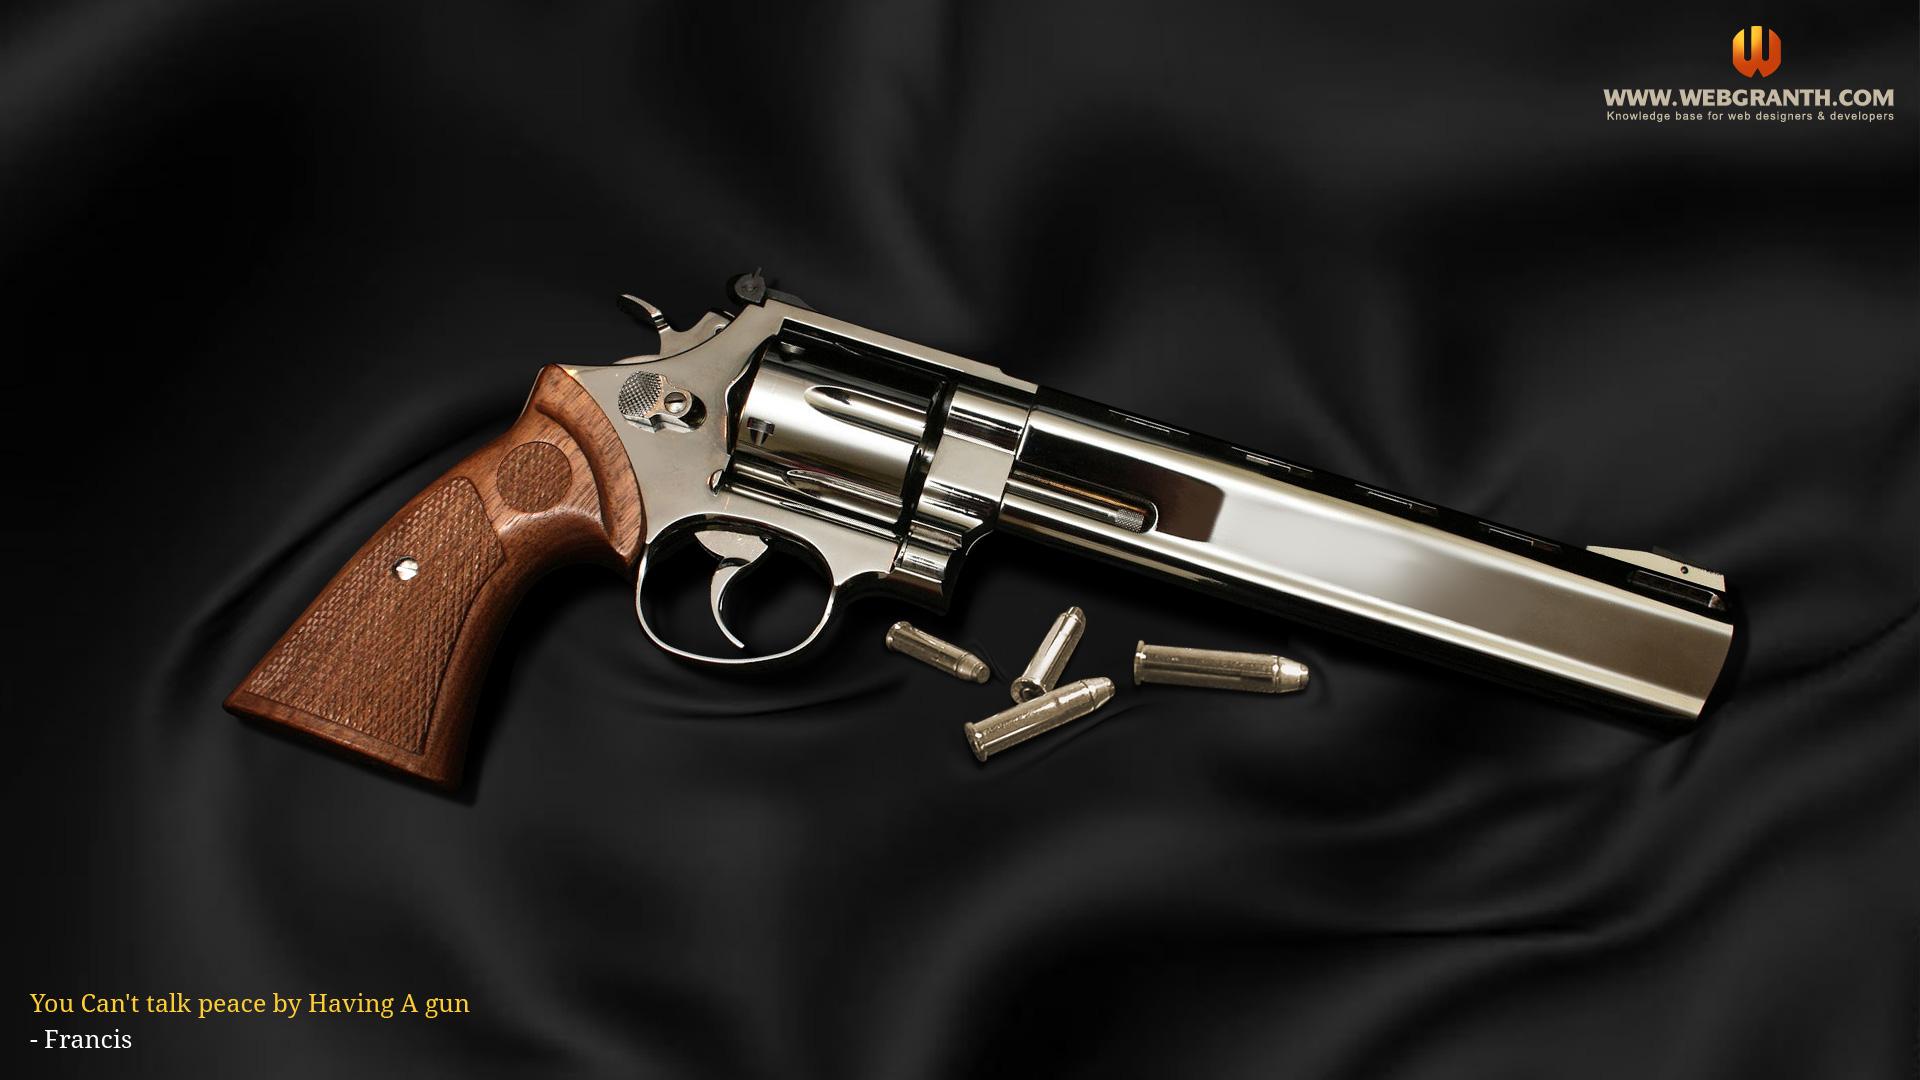 Guns Wallpaper Hd wallpaper   1153107 1920x1080